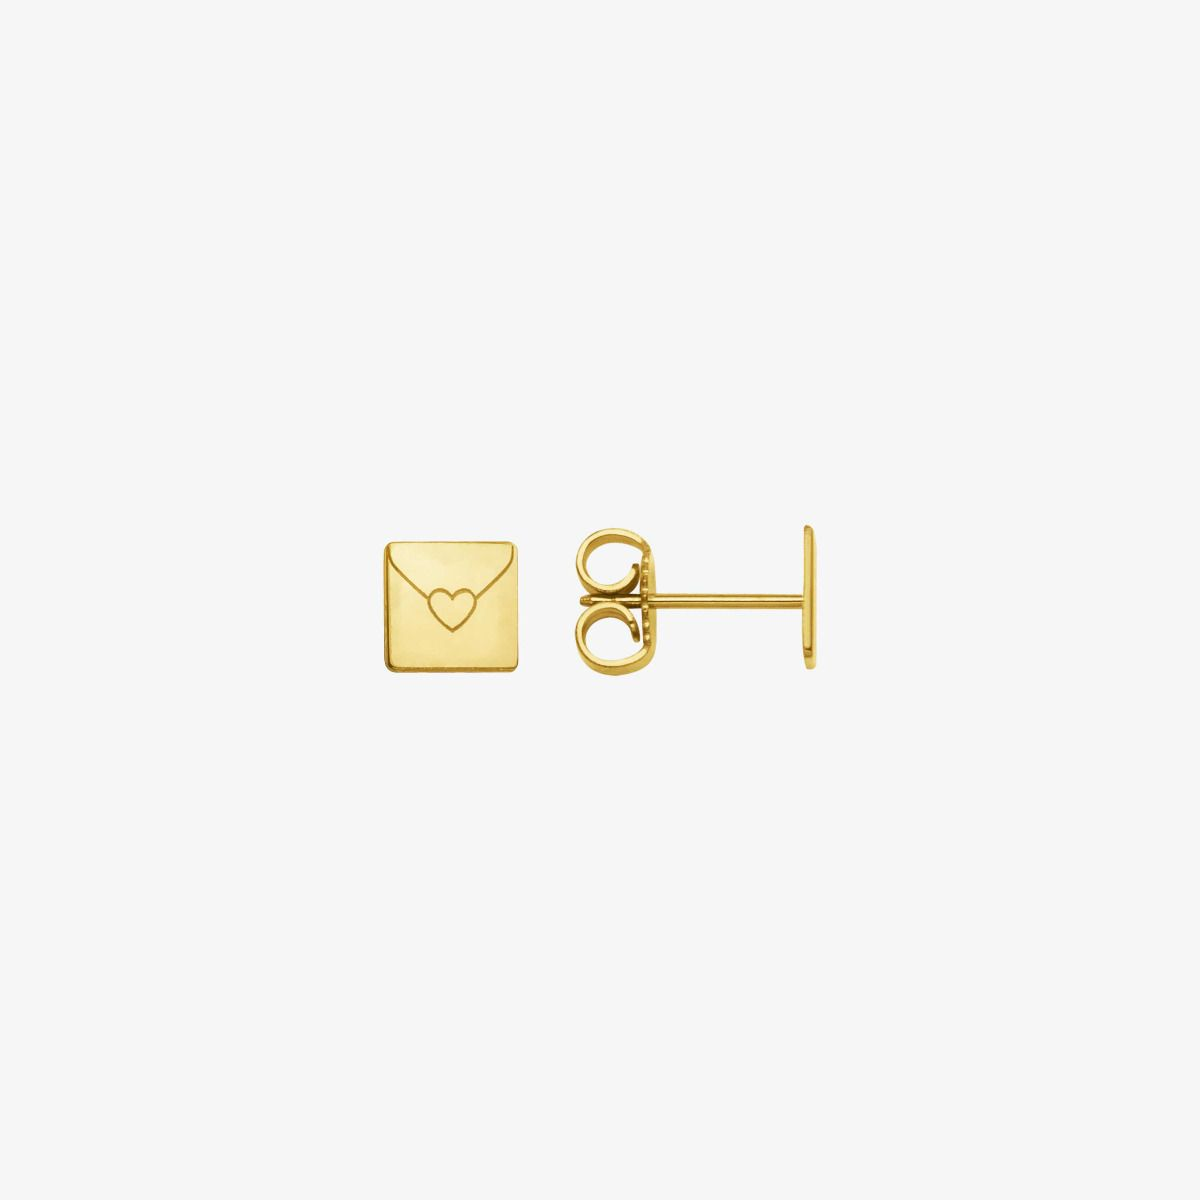 Boucles d'oreilles Enveloppe Or Jaune 18 carats